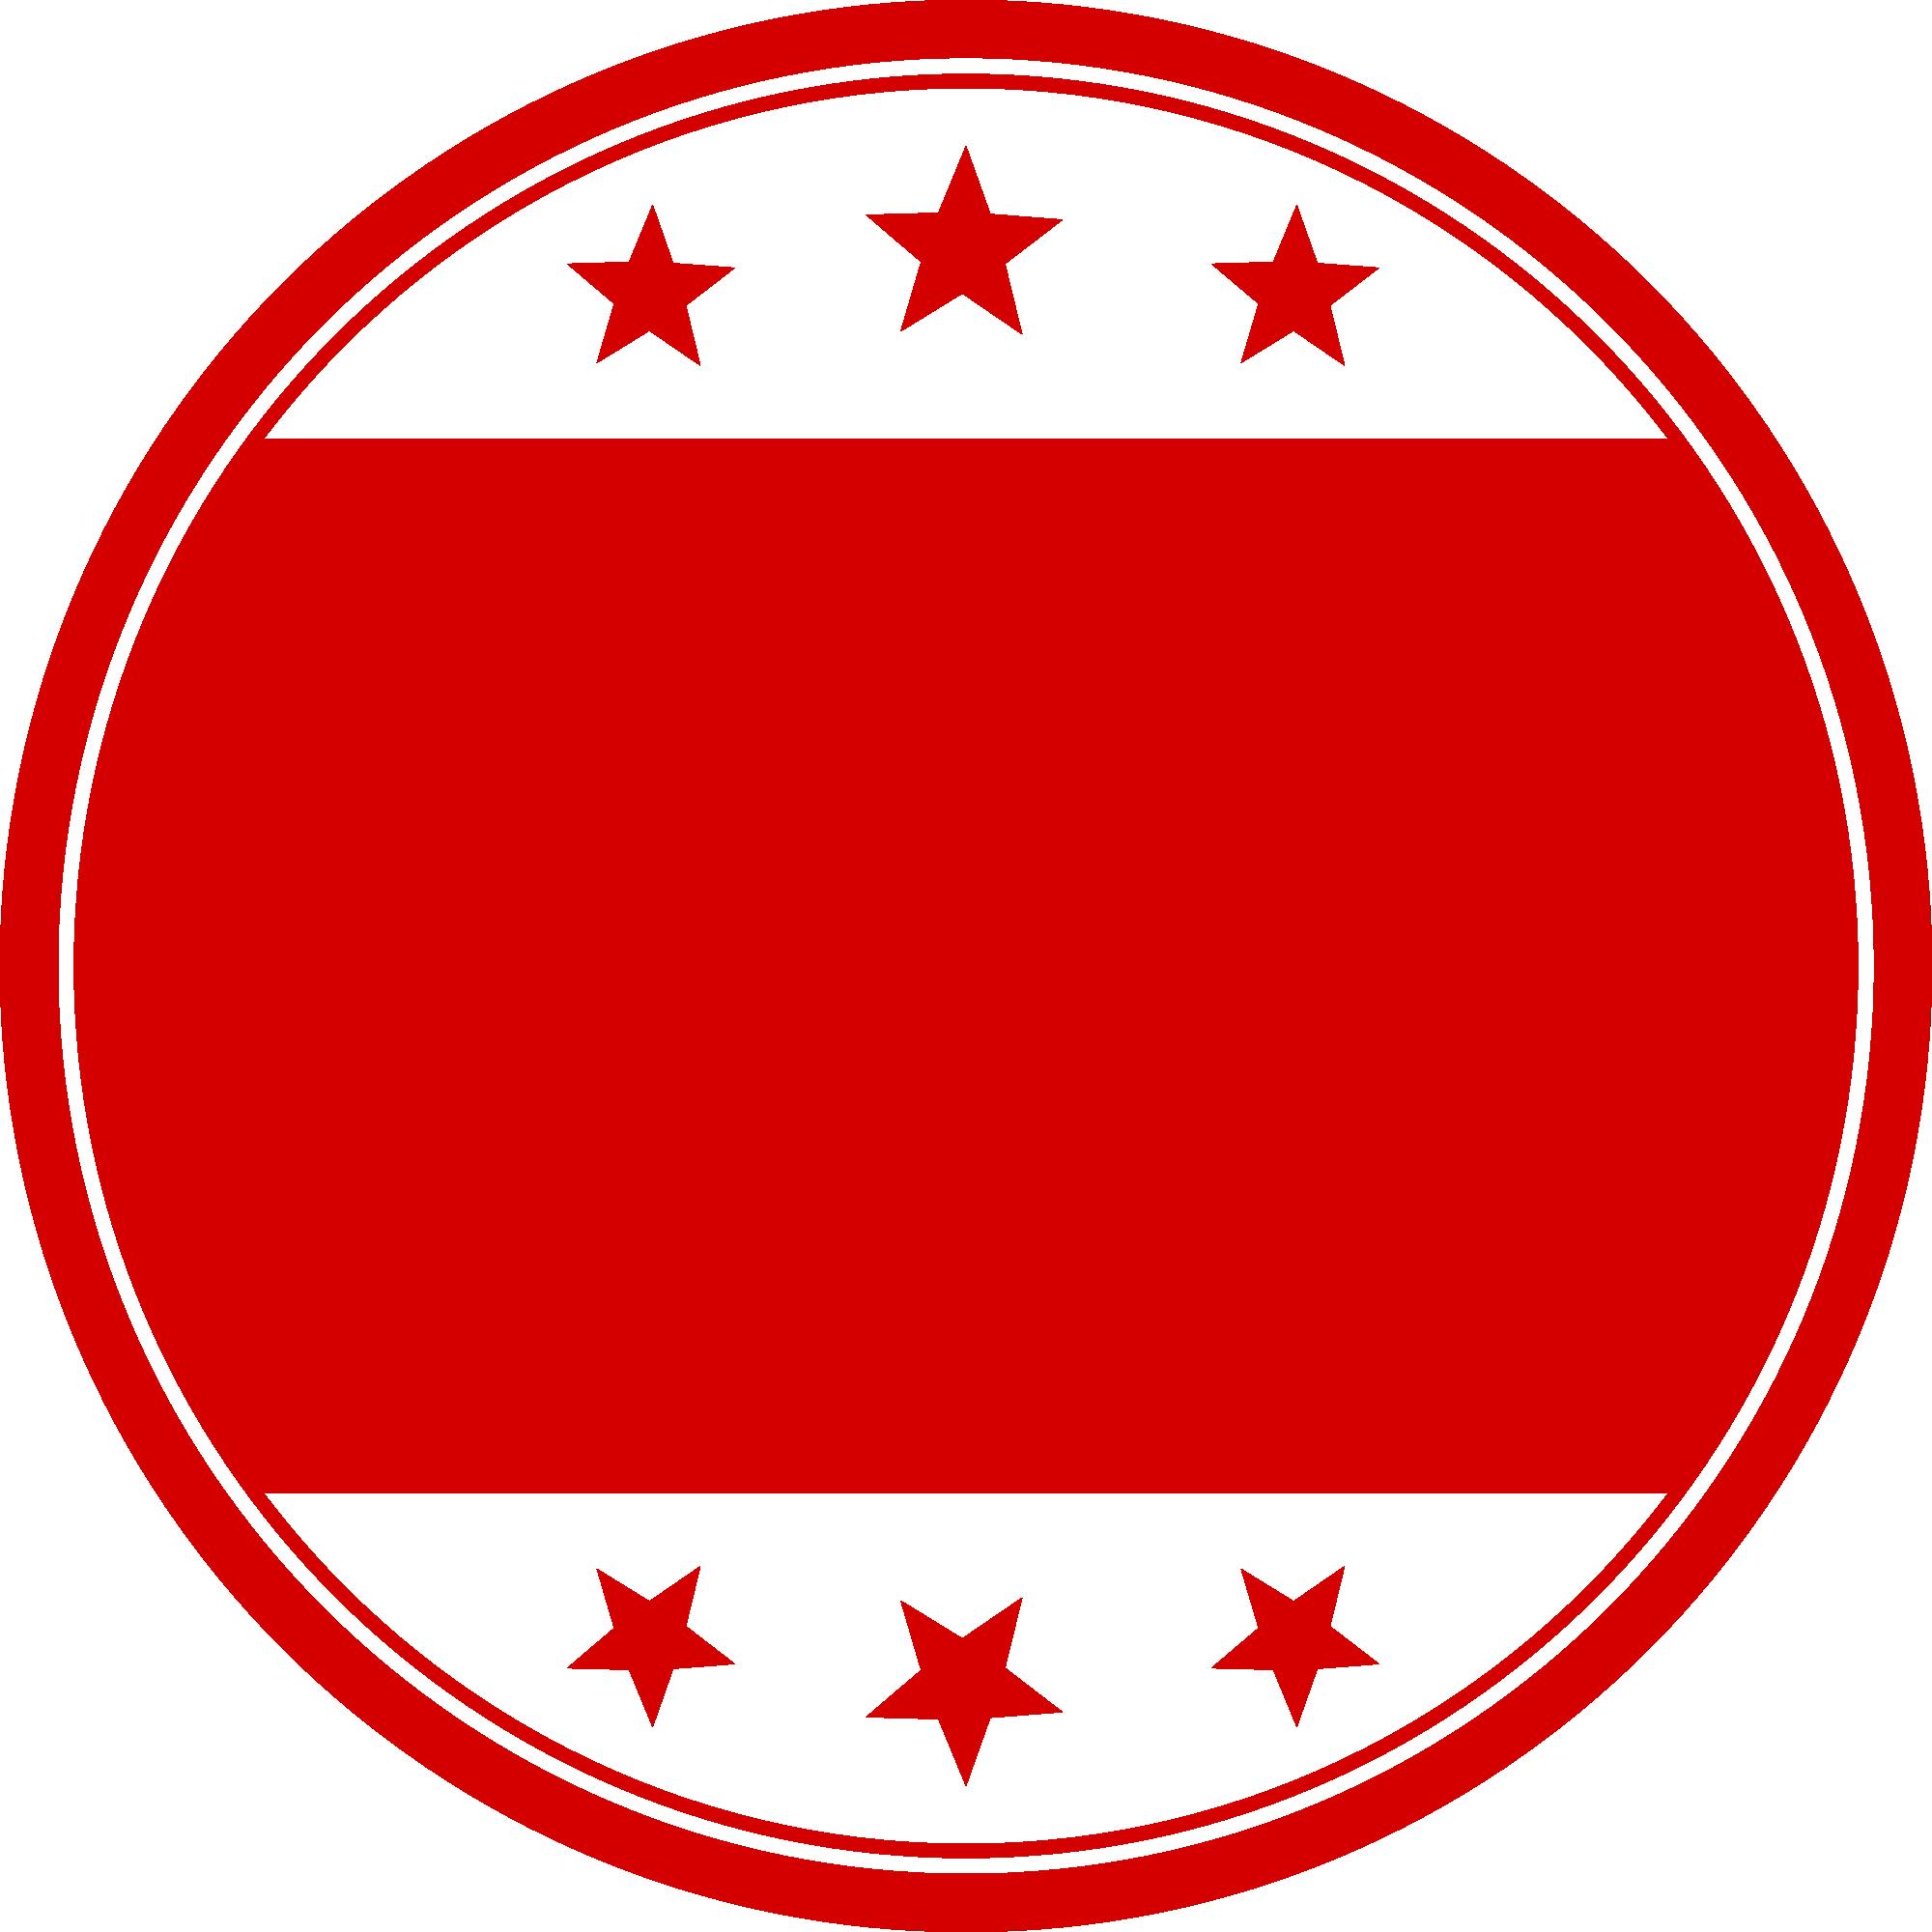 Ͽ� Ͽ� Ͽ� Ͽ� Ͽ� Ͽ� Ͽ� Ͽ� Ͽ� Ͽ� Ͽ� Ͽ� Ͽ� Ͽ� Ͽ� Ͽ� Ͽ� Ͽ� Ͽ� Ͽ� Ͽ� Ͽ� Ͽ� Ͽ� Ͽ� Ͽ� Ͽ� Ͽ� Ͽ� Ͽ� Ͽ� Ͽ� Ͽ� Ͽ� Ͽ� Ͽ� Ͽ� Ͽ� Ͽ� Ͽ� Ͽ� Ͽ� Ͽ� Ͽ� Ͽ� Ͽ� Ͽ� Ͽ� Ͽ� Png: 20 Red Empty Stamp Vector (PNG Transparent, SVG)